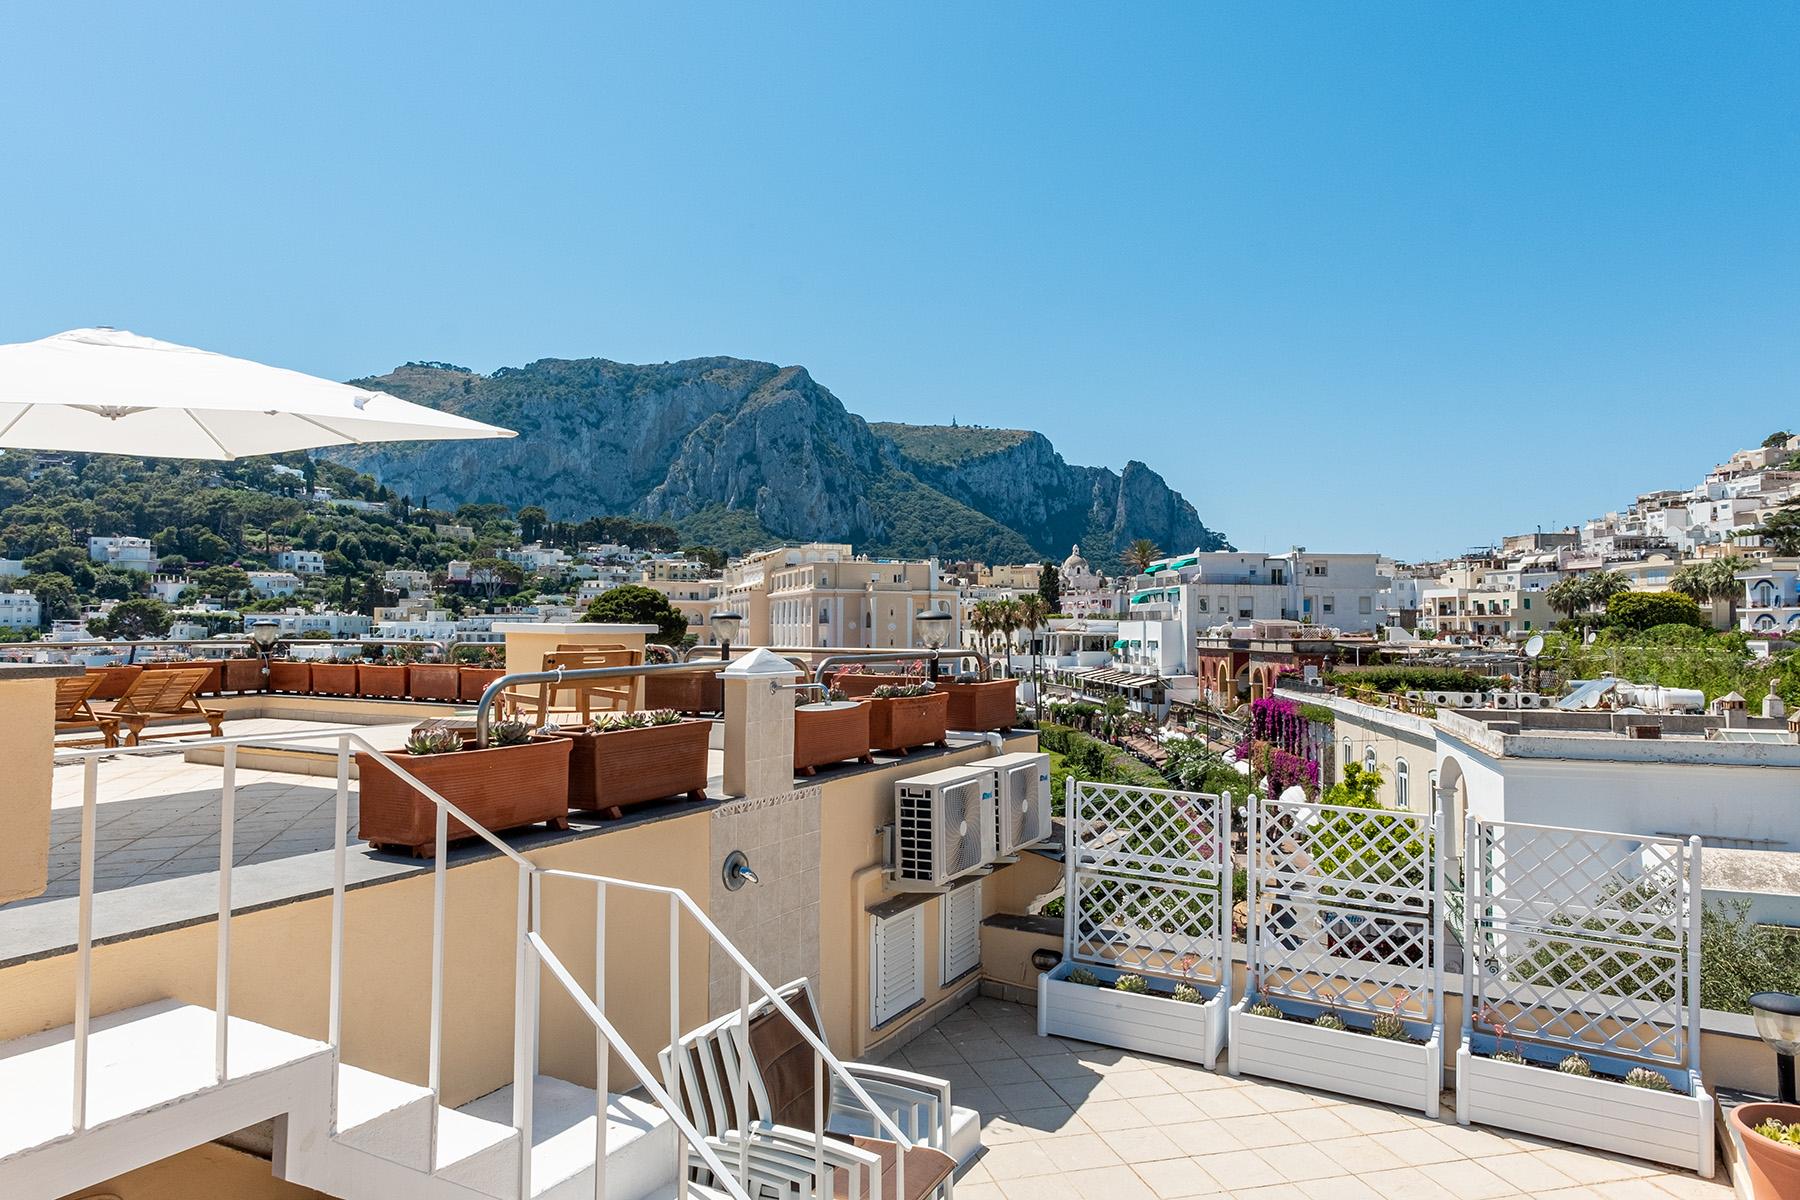 Attico in Vendita a Capri: 5 locali, 160 mq - Foto 11